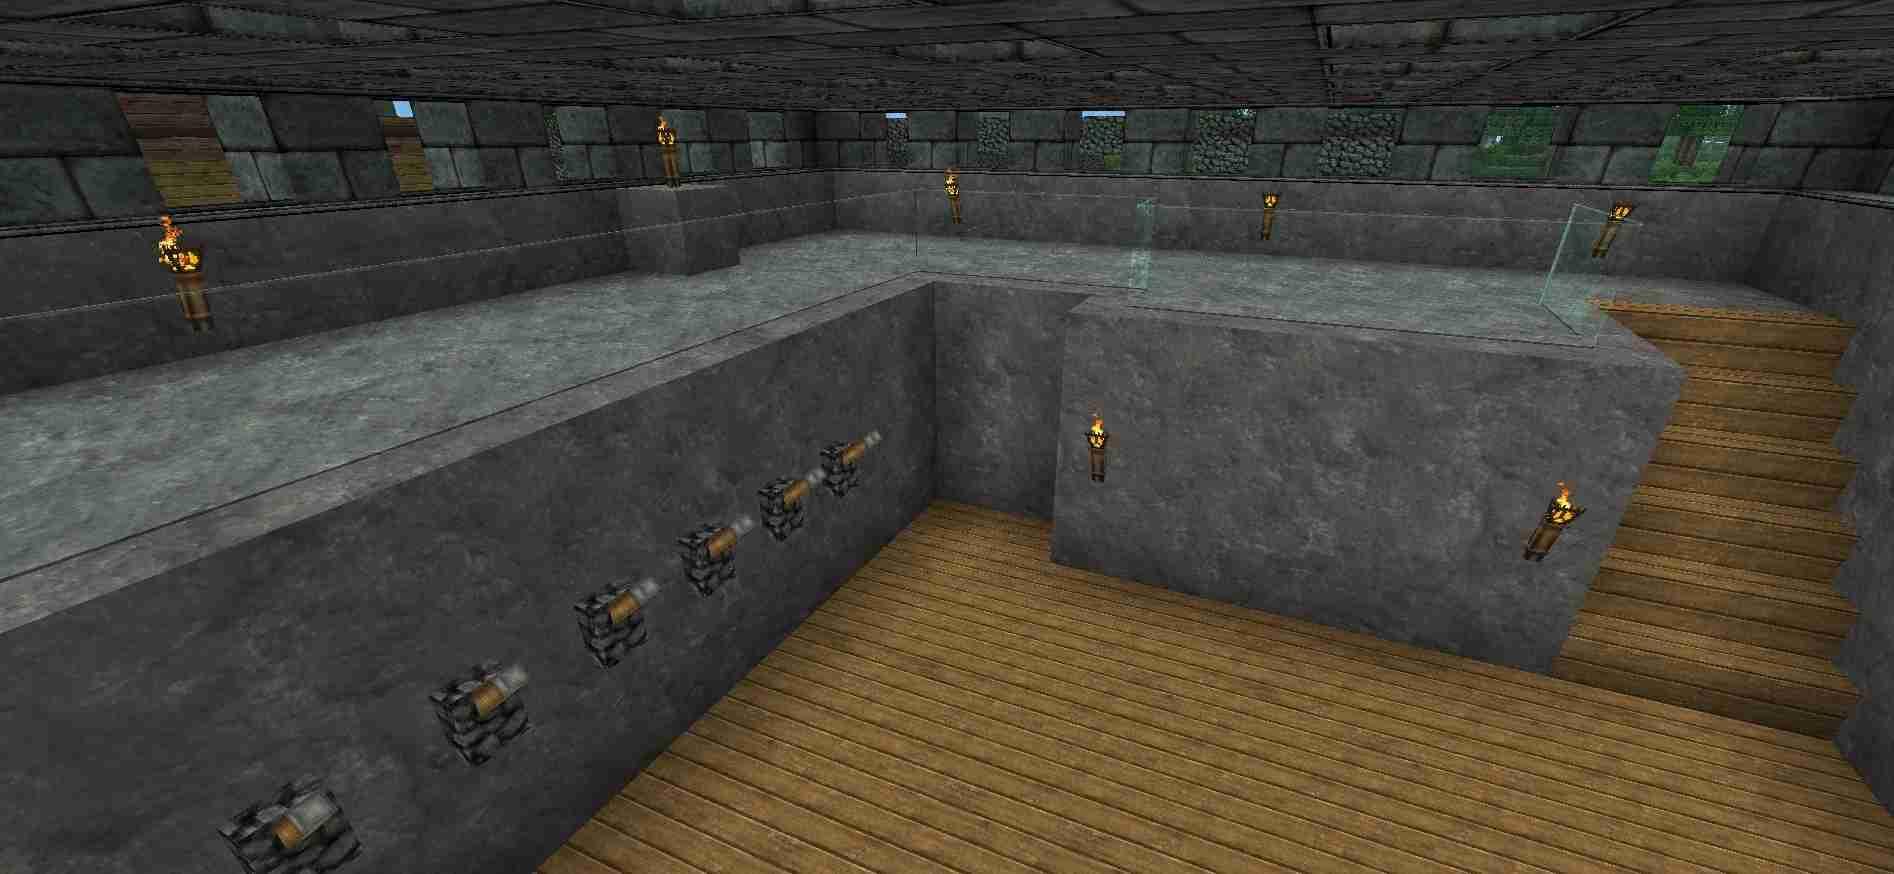 AffenGamingde - Minecraft auf alten pc spielen